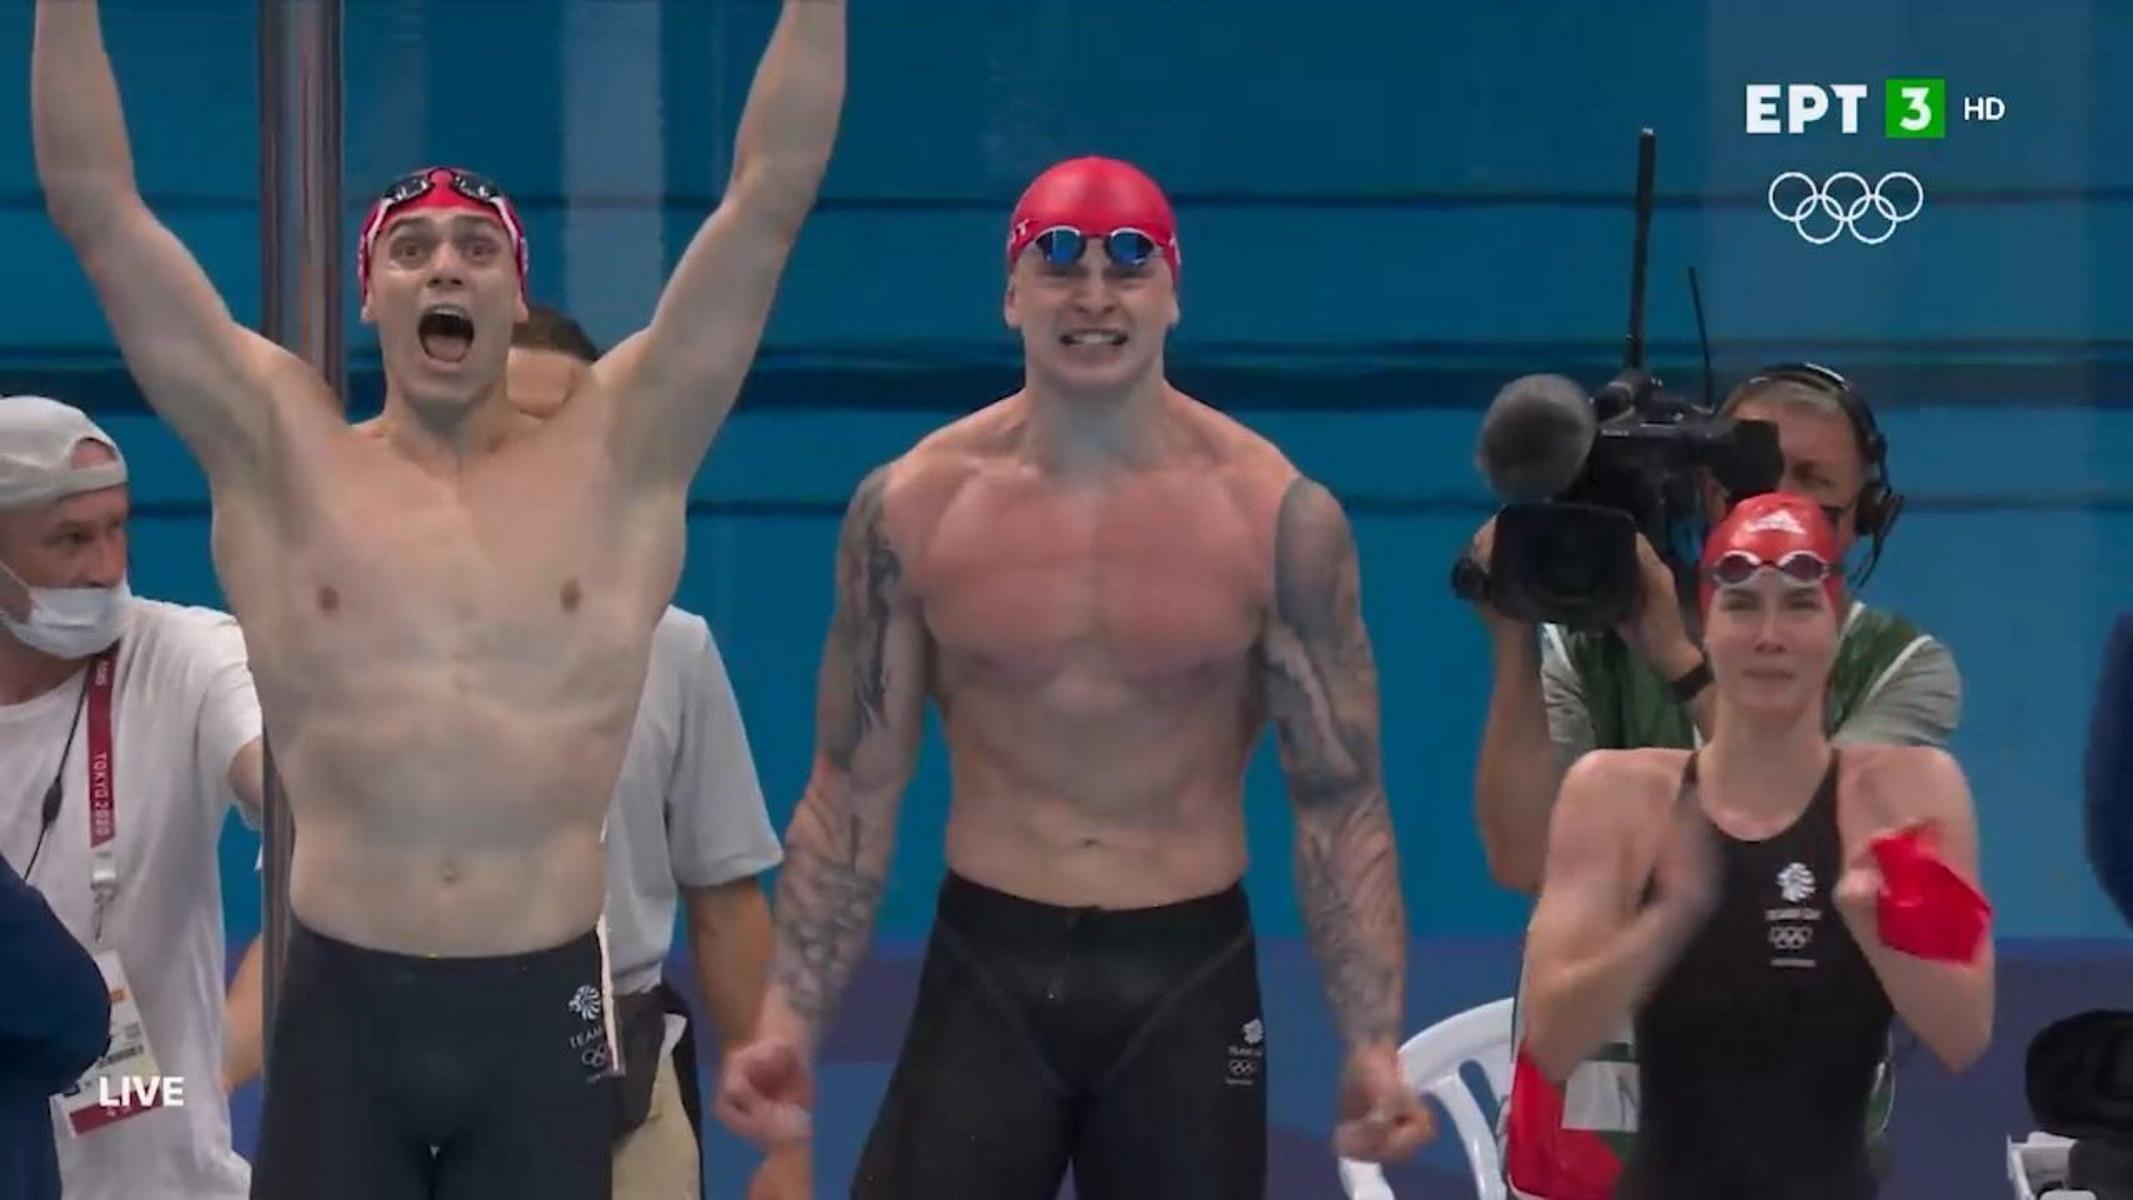 Ολυμπιακοί Αγώνες: «Χρυσή» με παγκόσμιο ρεκόρ η Μεγάλη Βρετανία στα 4×100 μικτή ομαδική